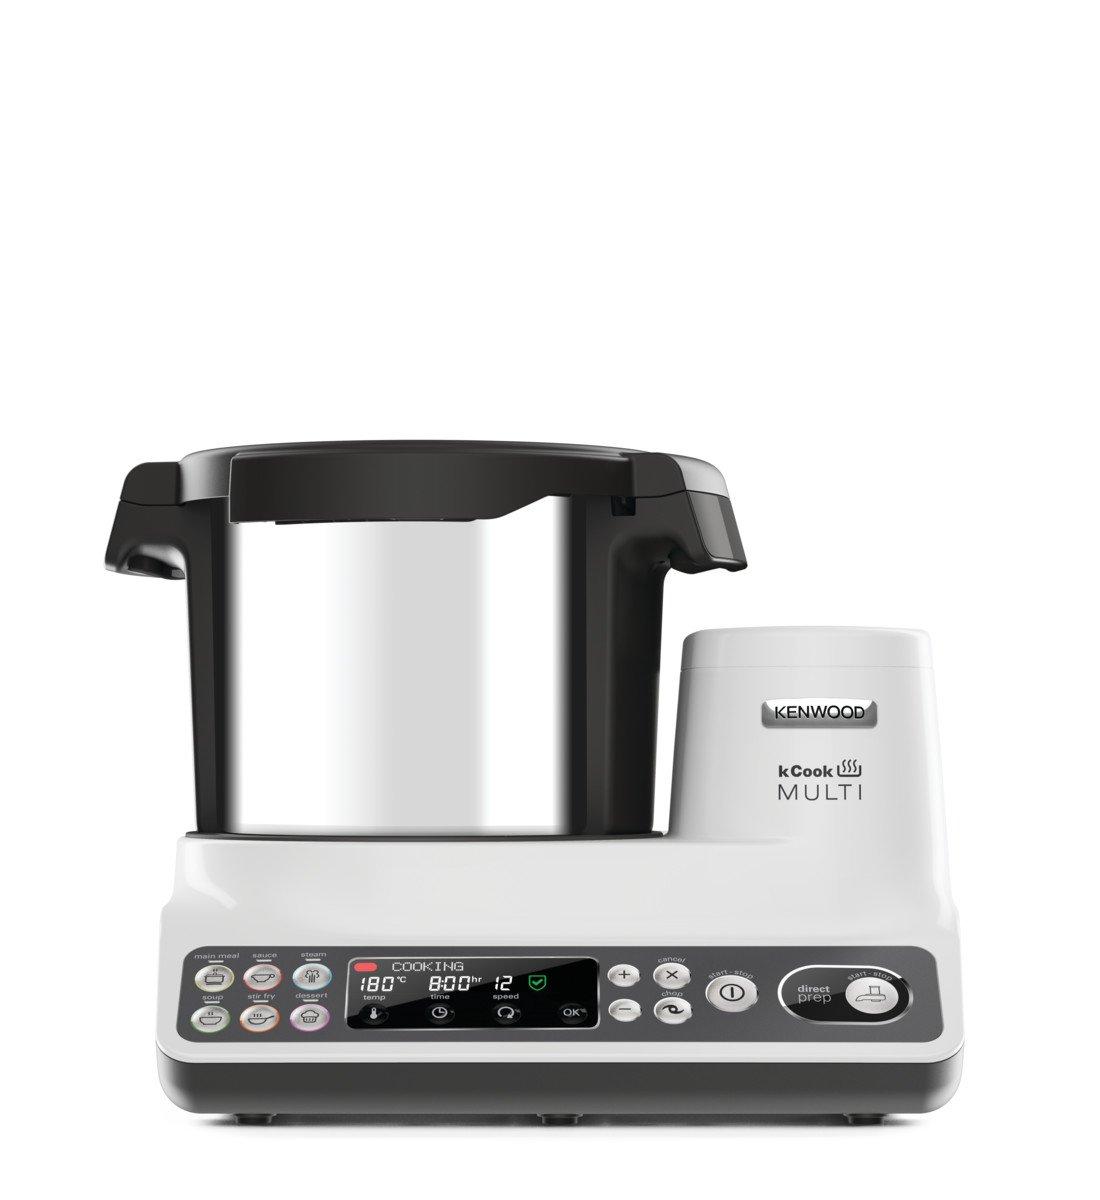 Kenwood-Kcook-Multi-CCL401WH–Kchenmaschine-mit-integriertem-Zerkleinerer-wei-und-schwarz